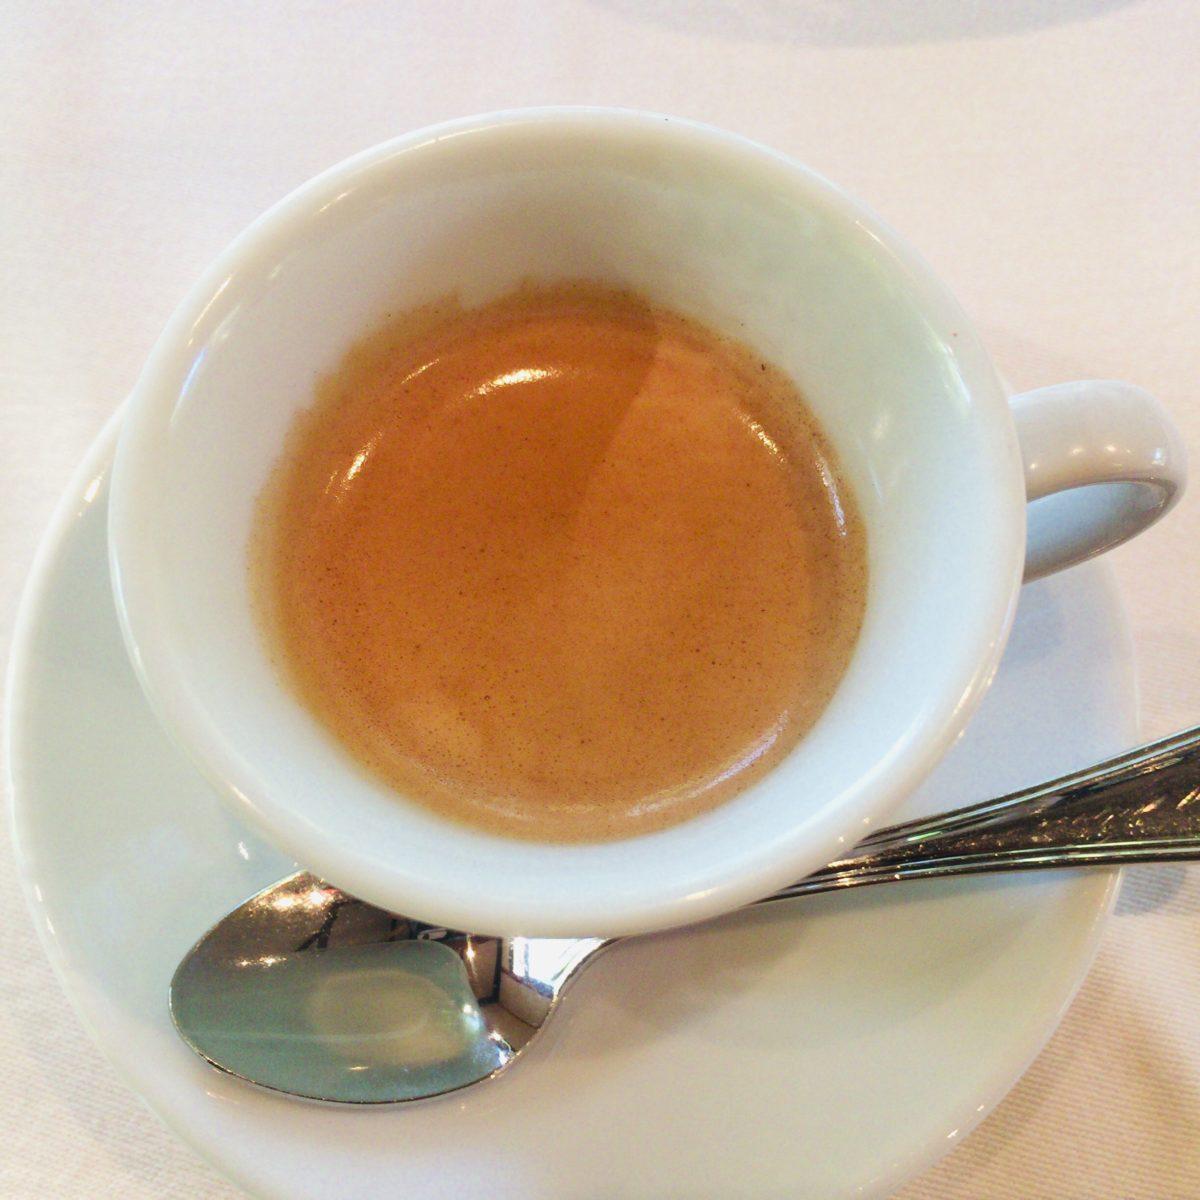 エリソンダンジュールの食後のコーヒー